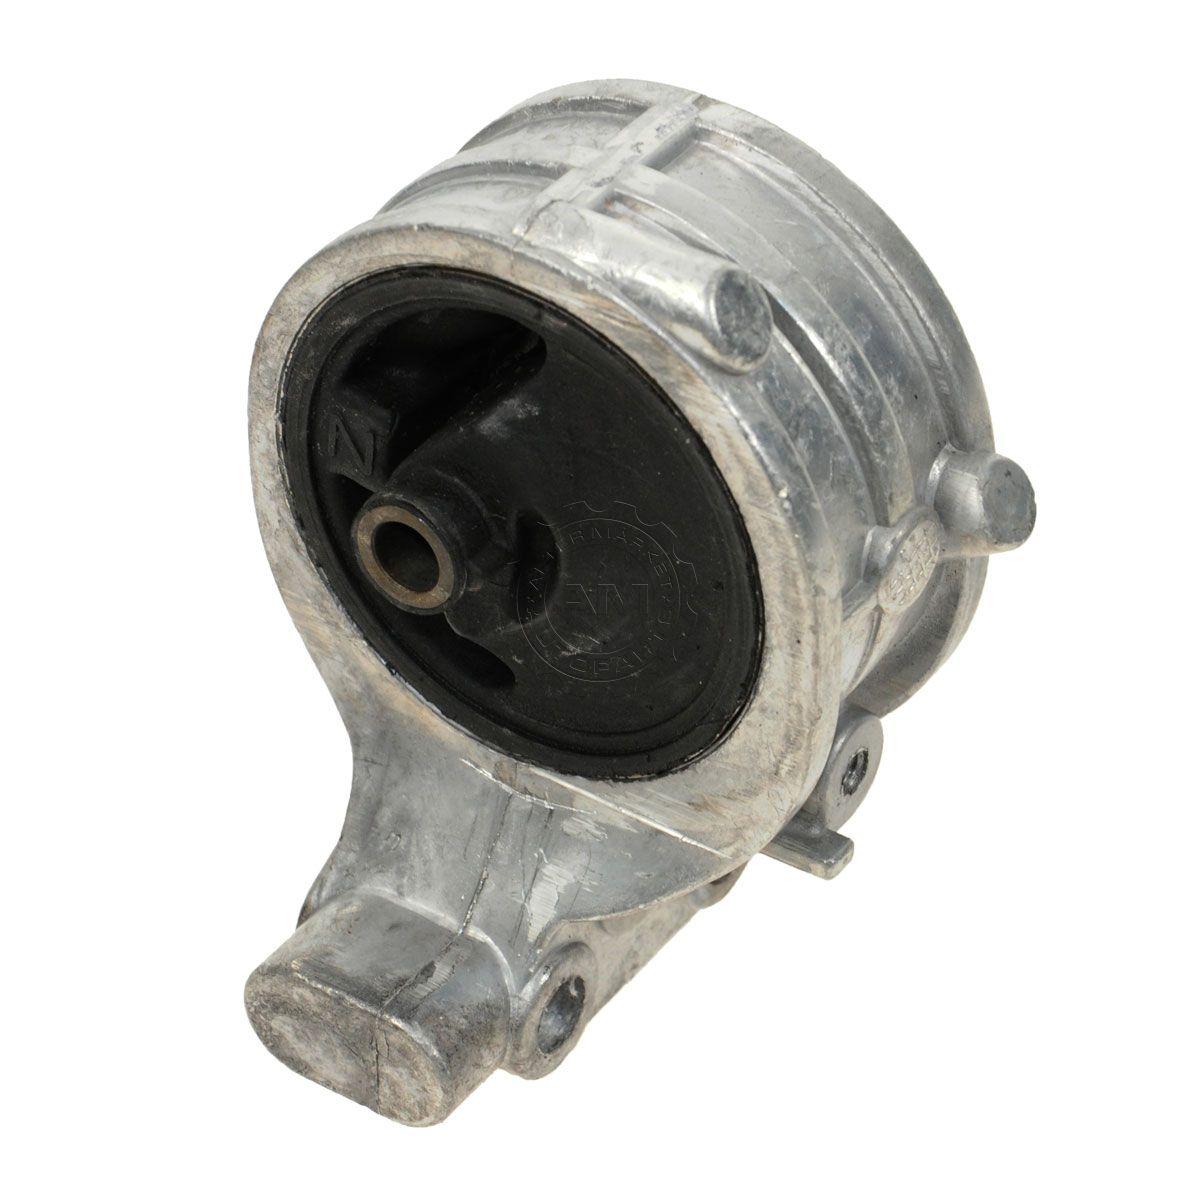 Engine Motor Mount Front RH Right Passenger side for Sebring Eclipse Galant 2.4L